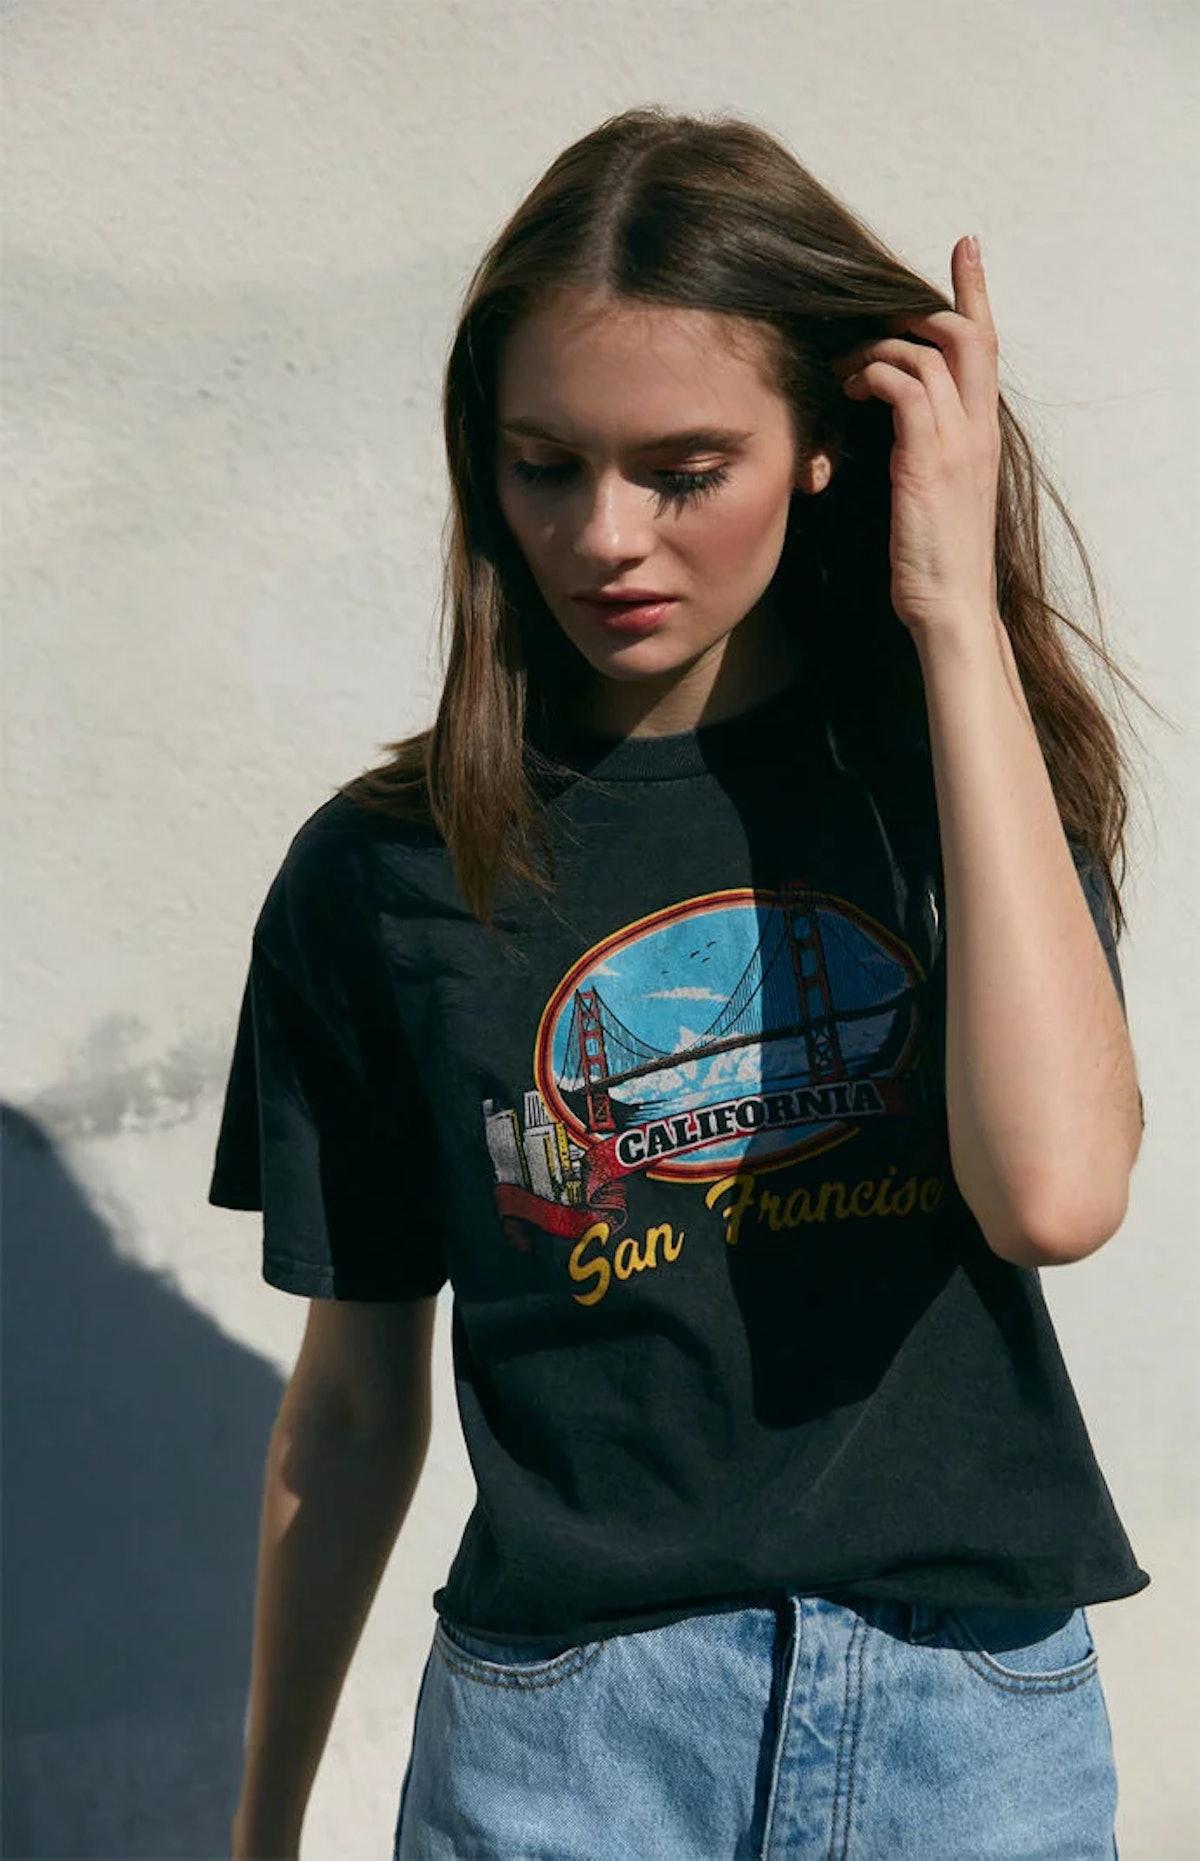 John Galt San Francisco T-Shirt